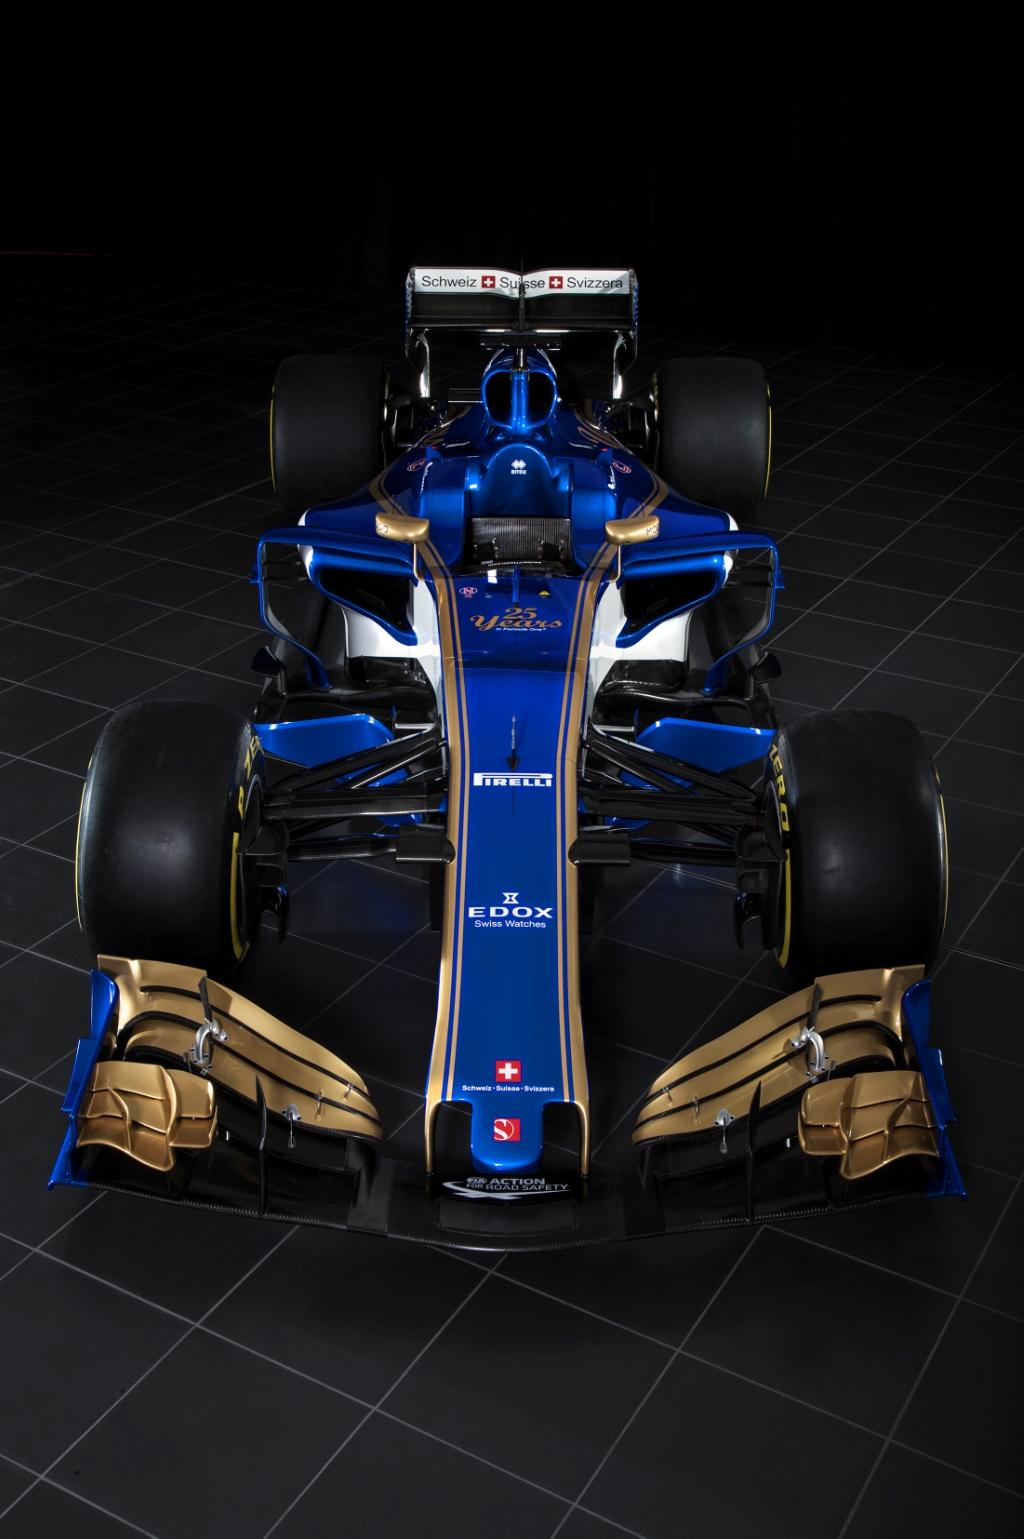 F1-2017_Sauber-C36_front-top